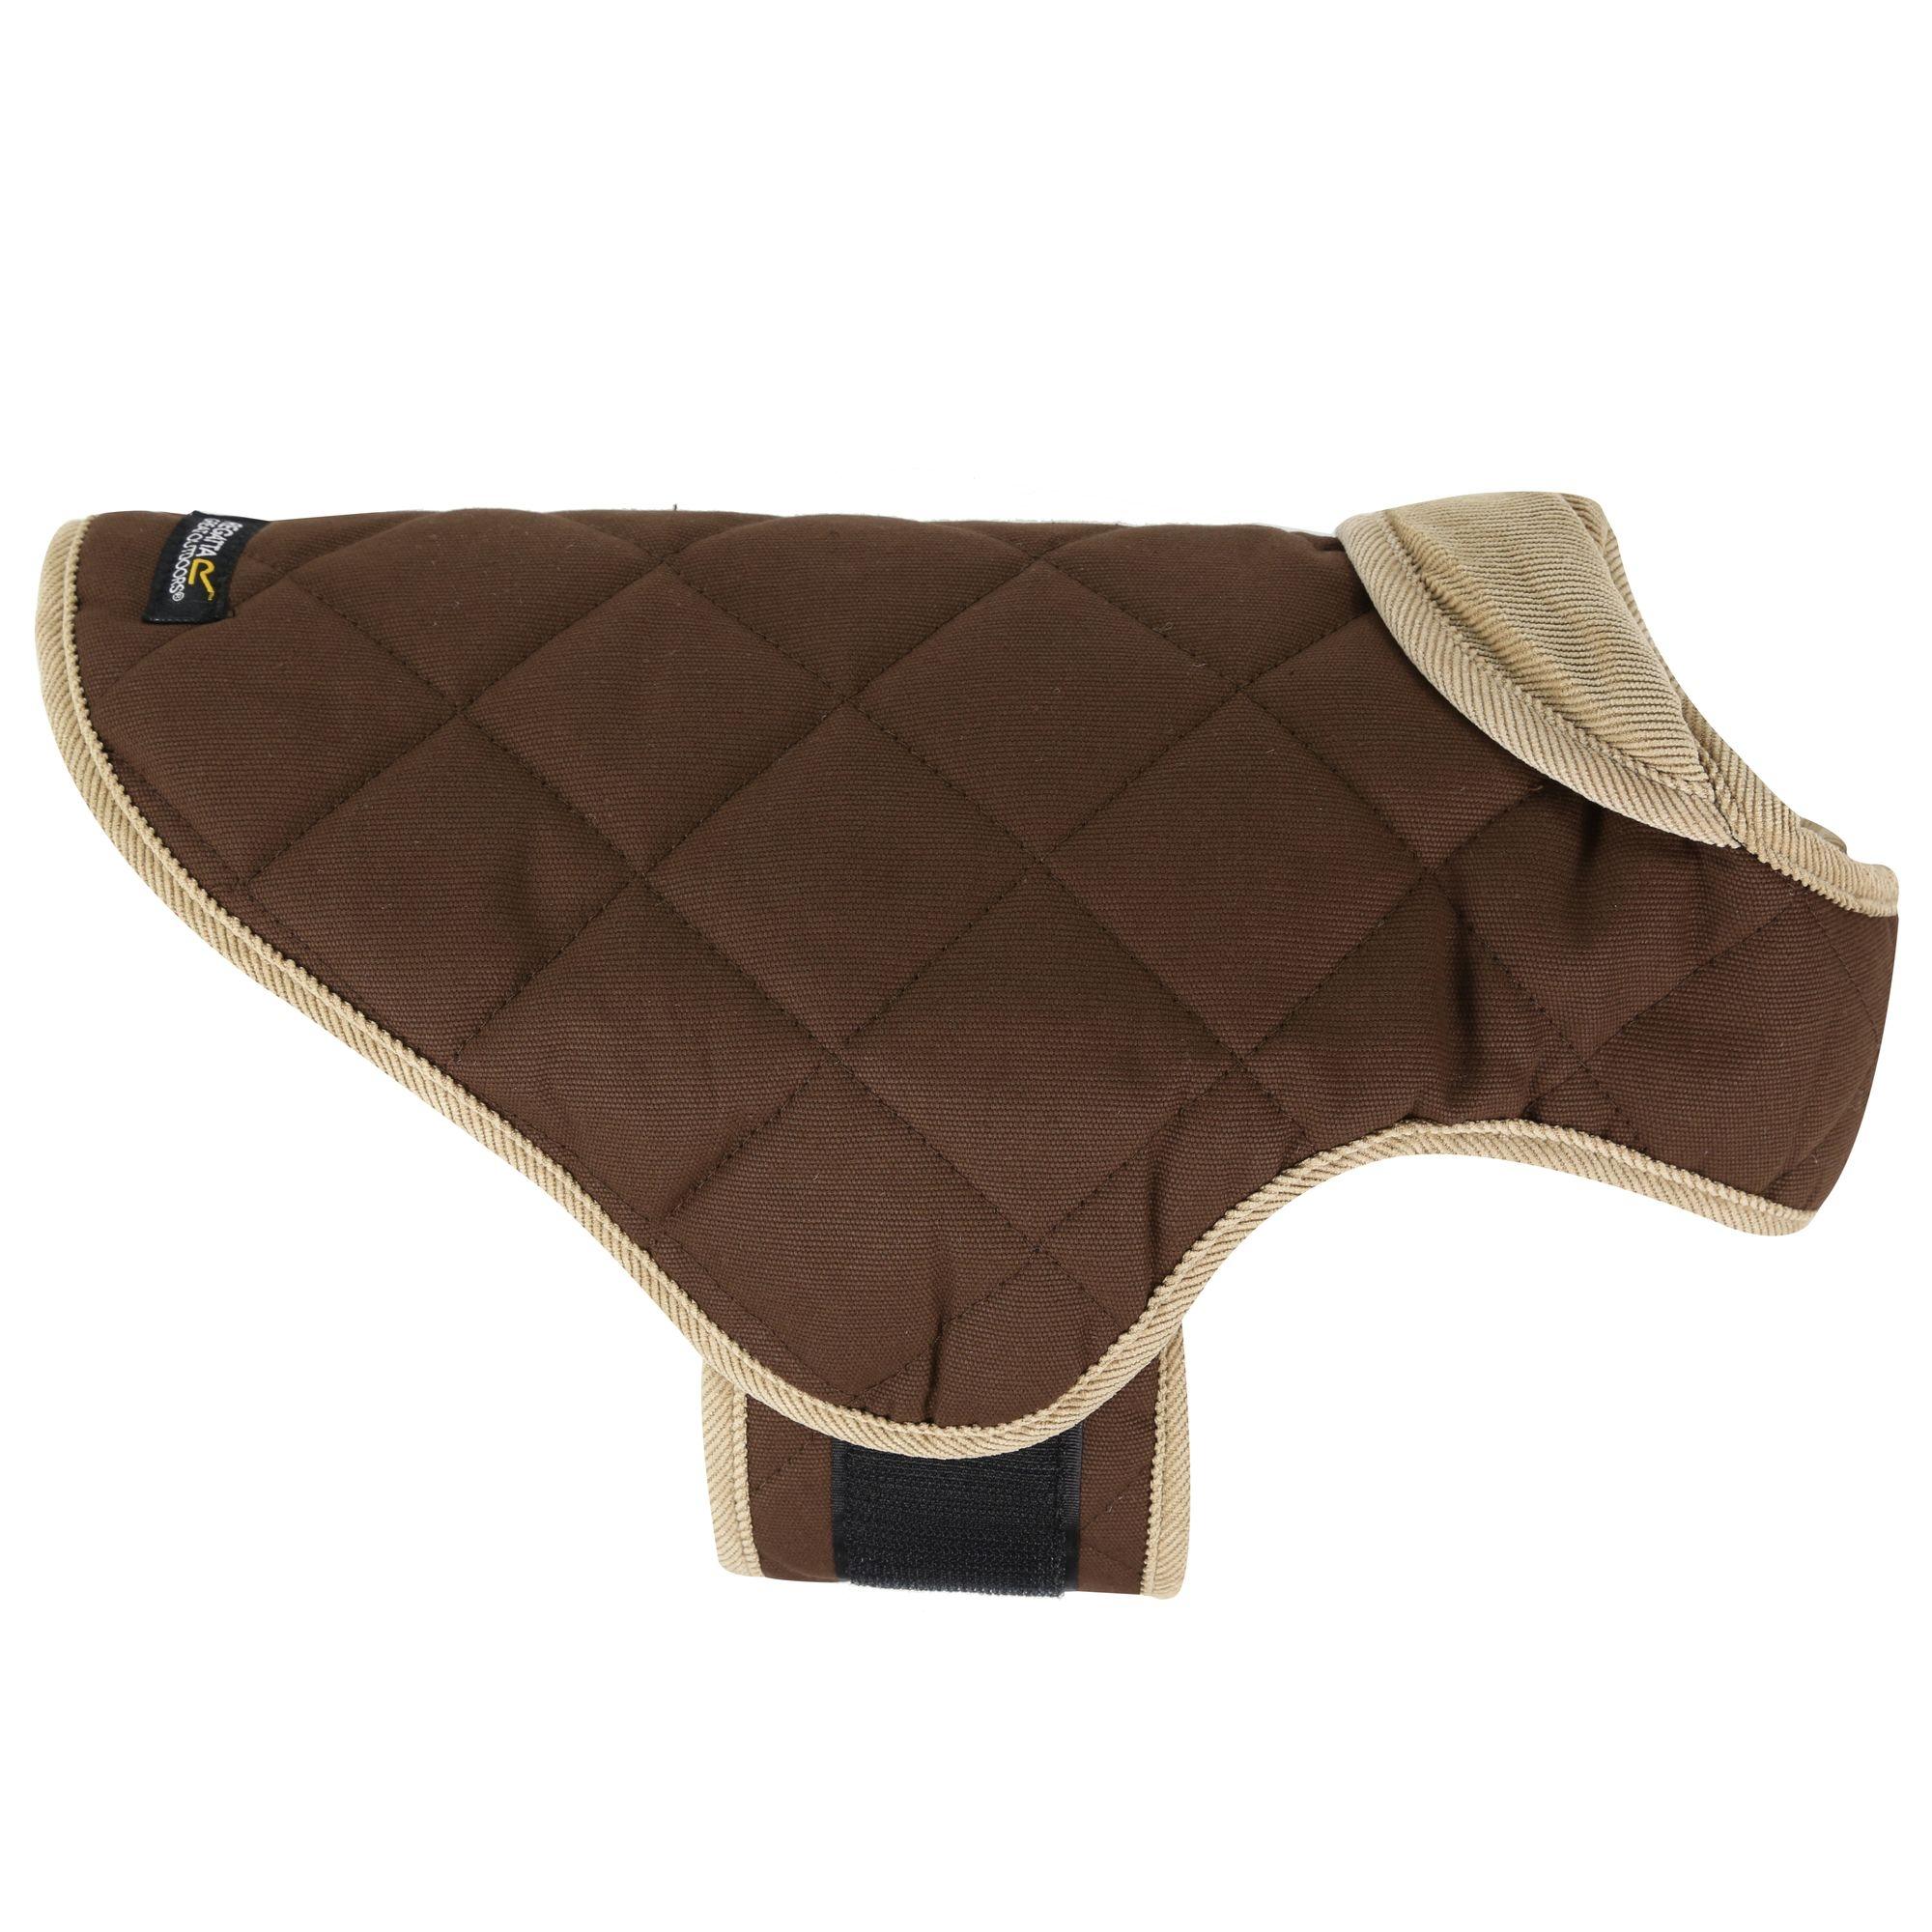 Regatta Chillguard Insulated Dog Coat